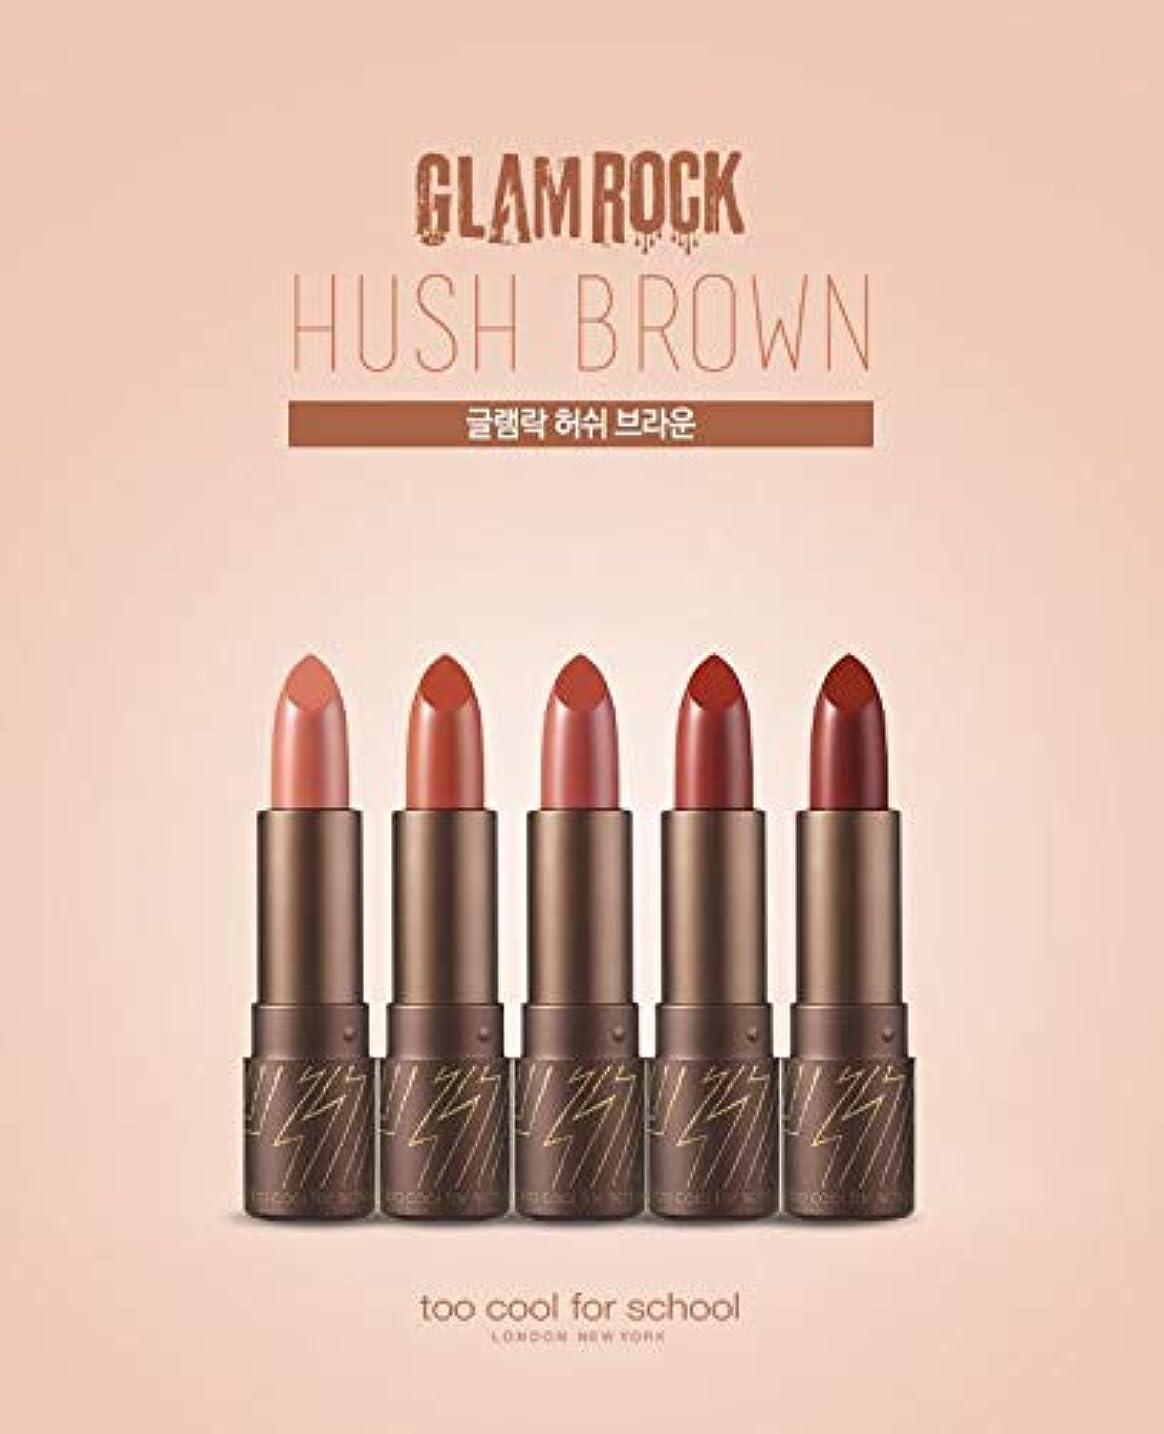 ベルベットコンドームクラッチ[too cool for school] GLAMROCK Hush Brown 4.2g /グルレムラクハーシーブラウン (1号 Mute/ミュート) [並行輸入品]